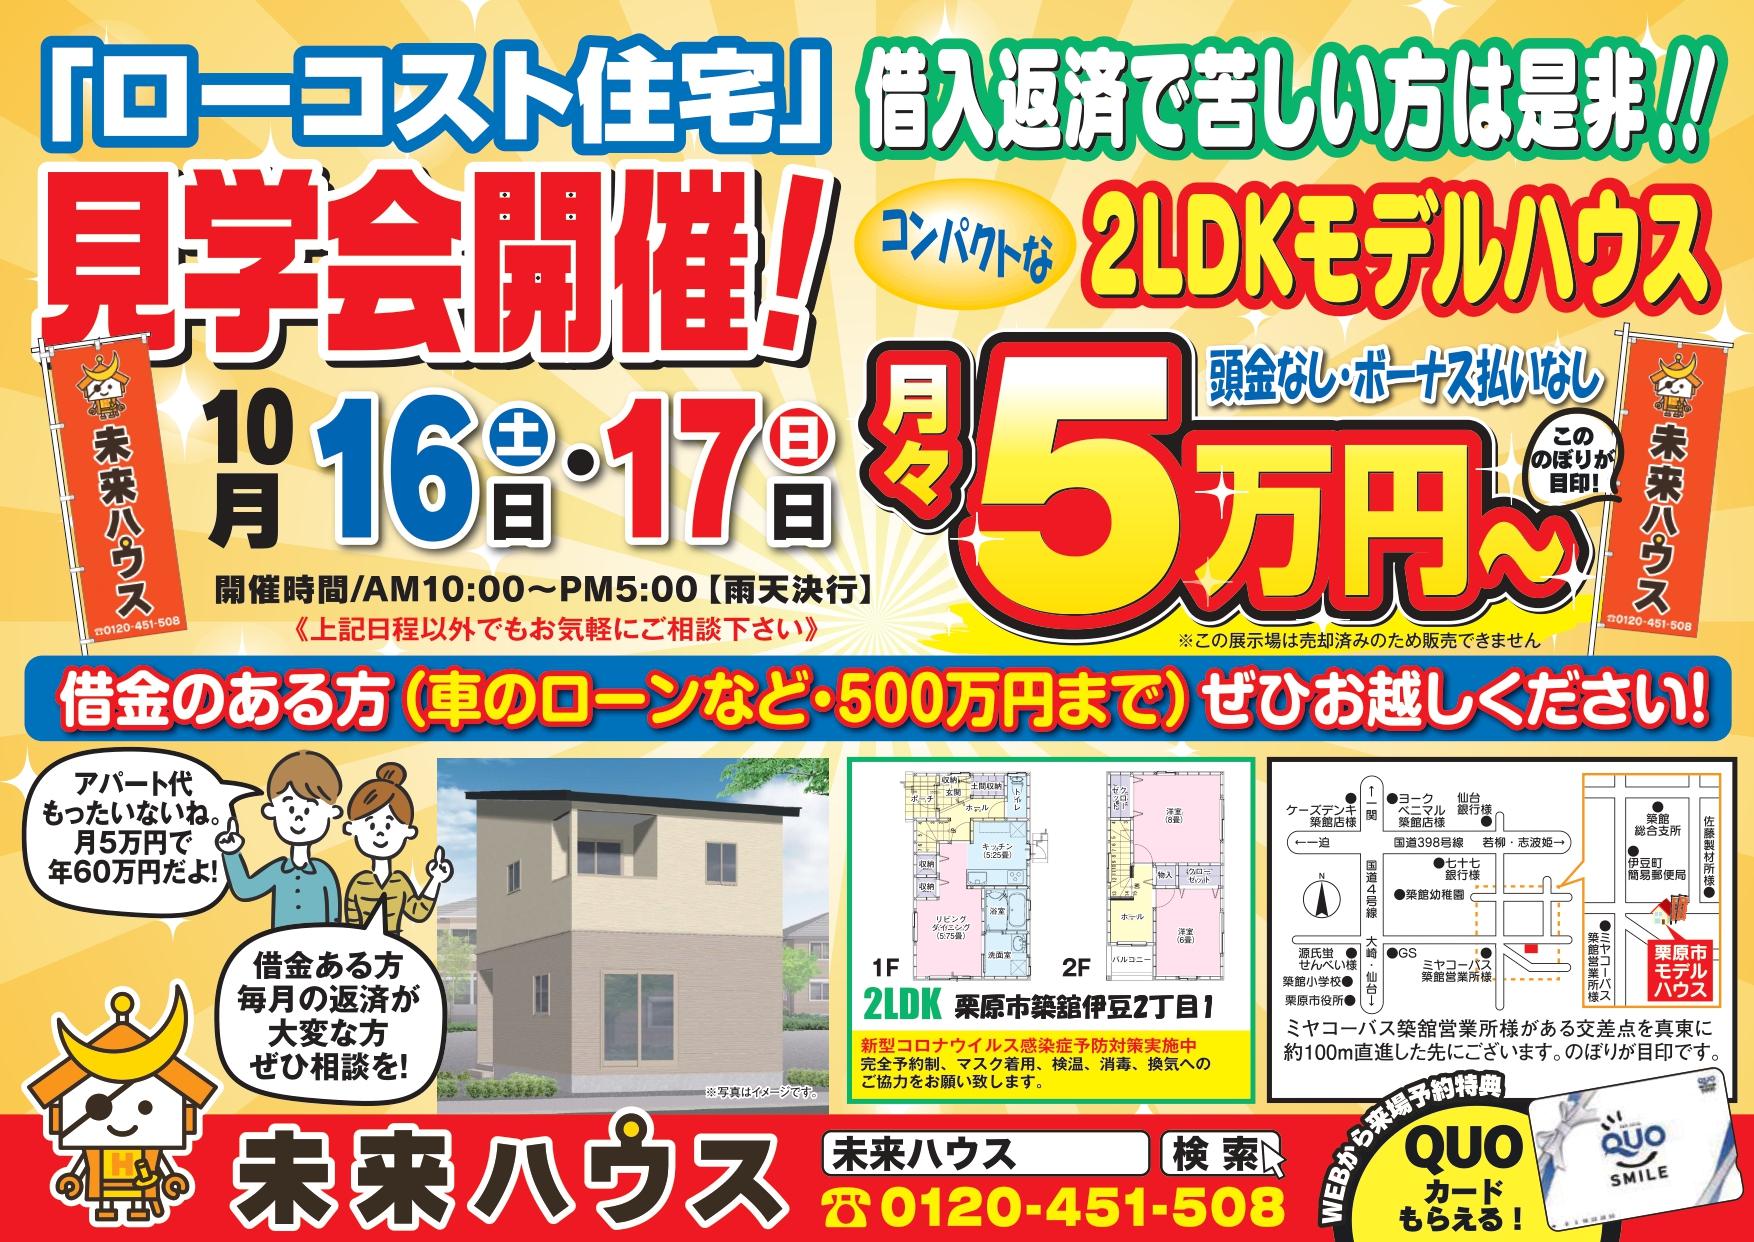 10月16日(土)・10月17日(日) 栗原市モデルハウス見学会